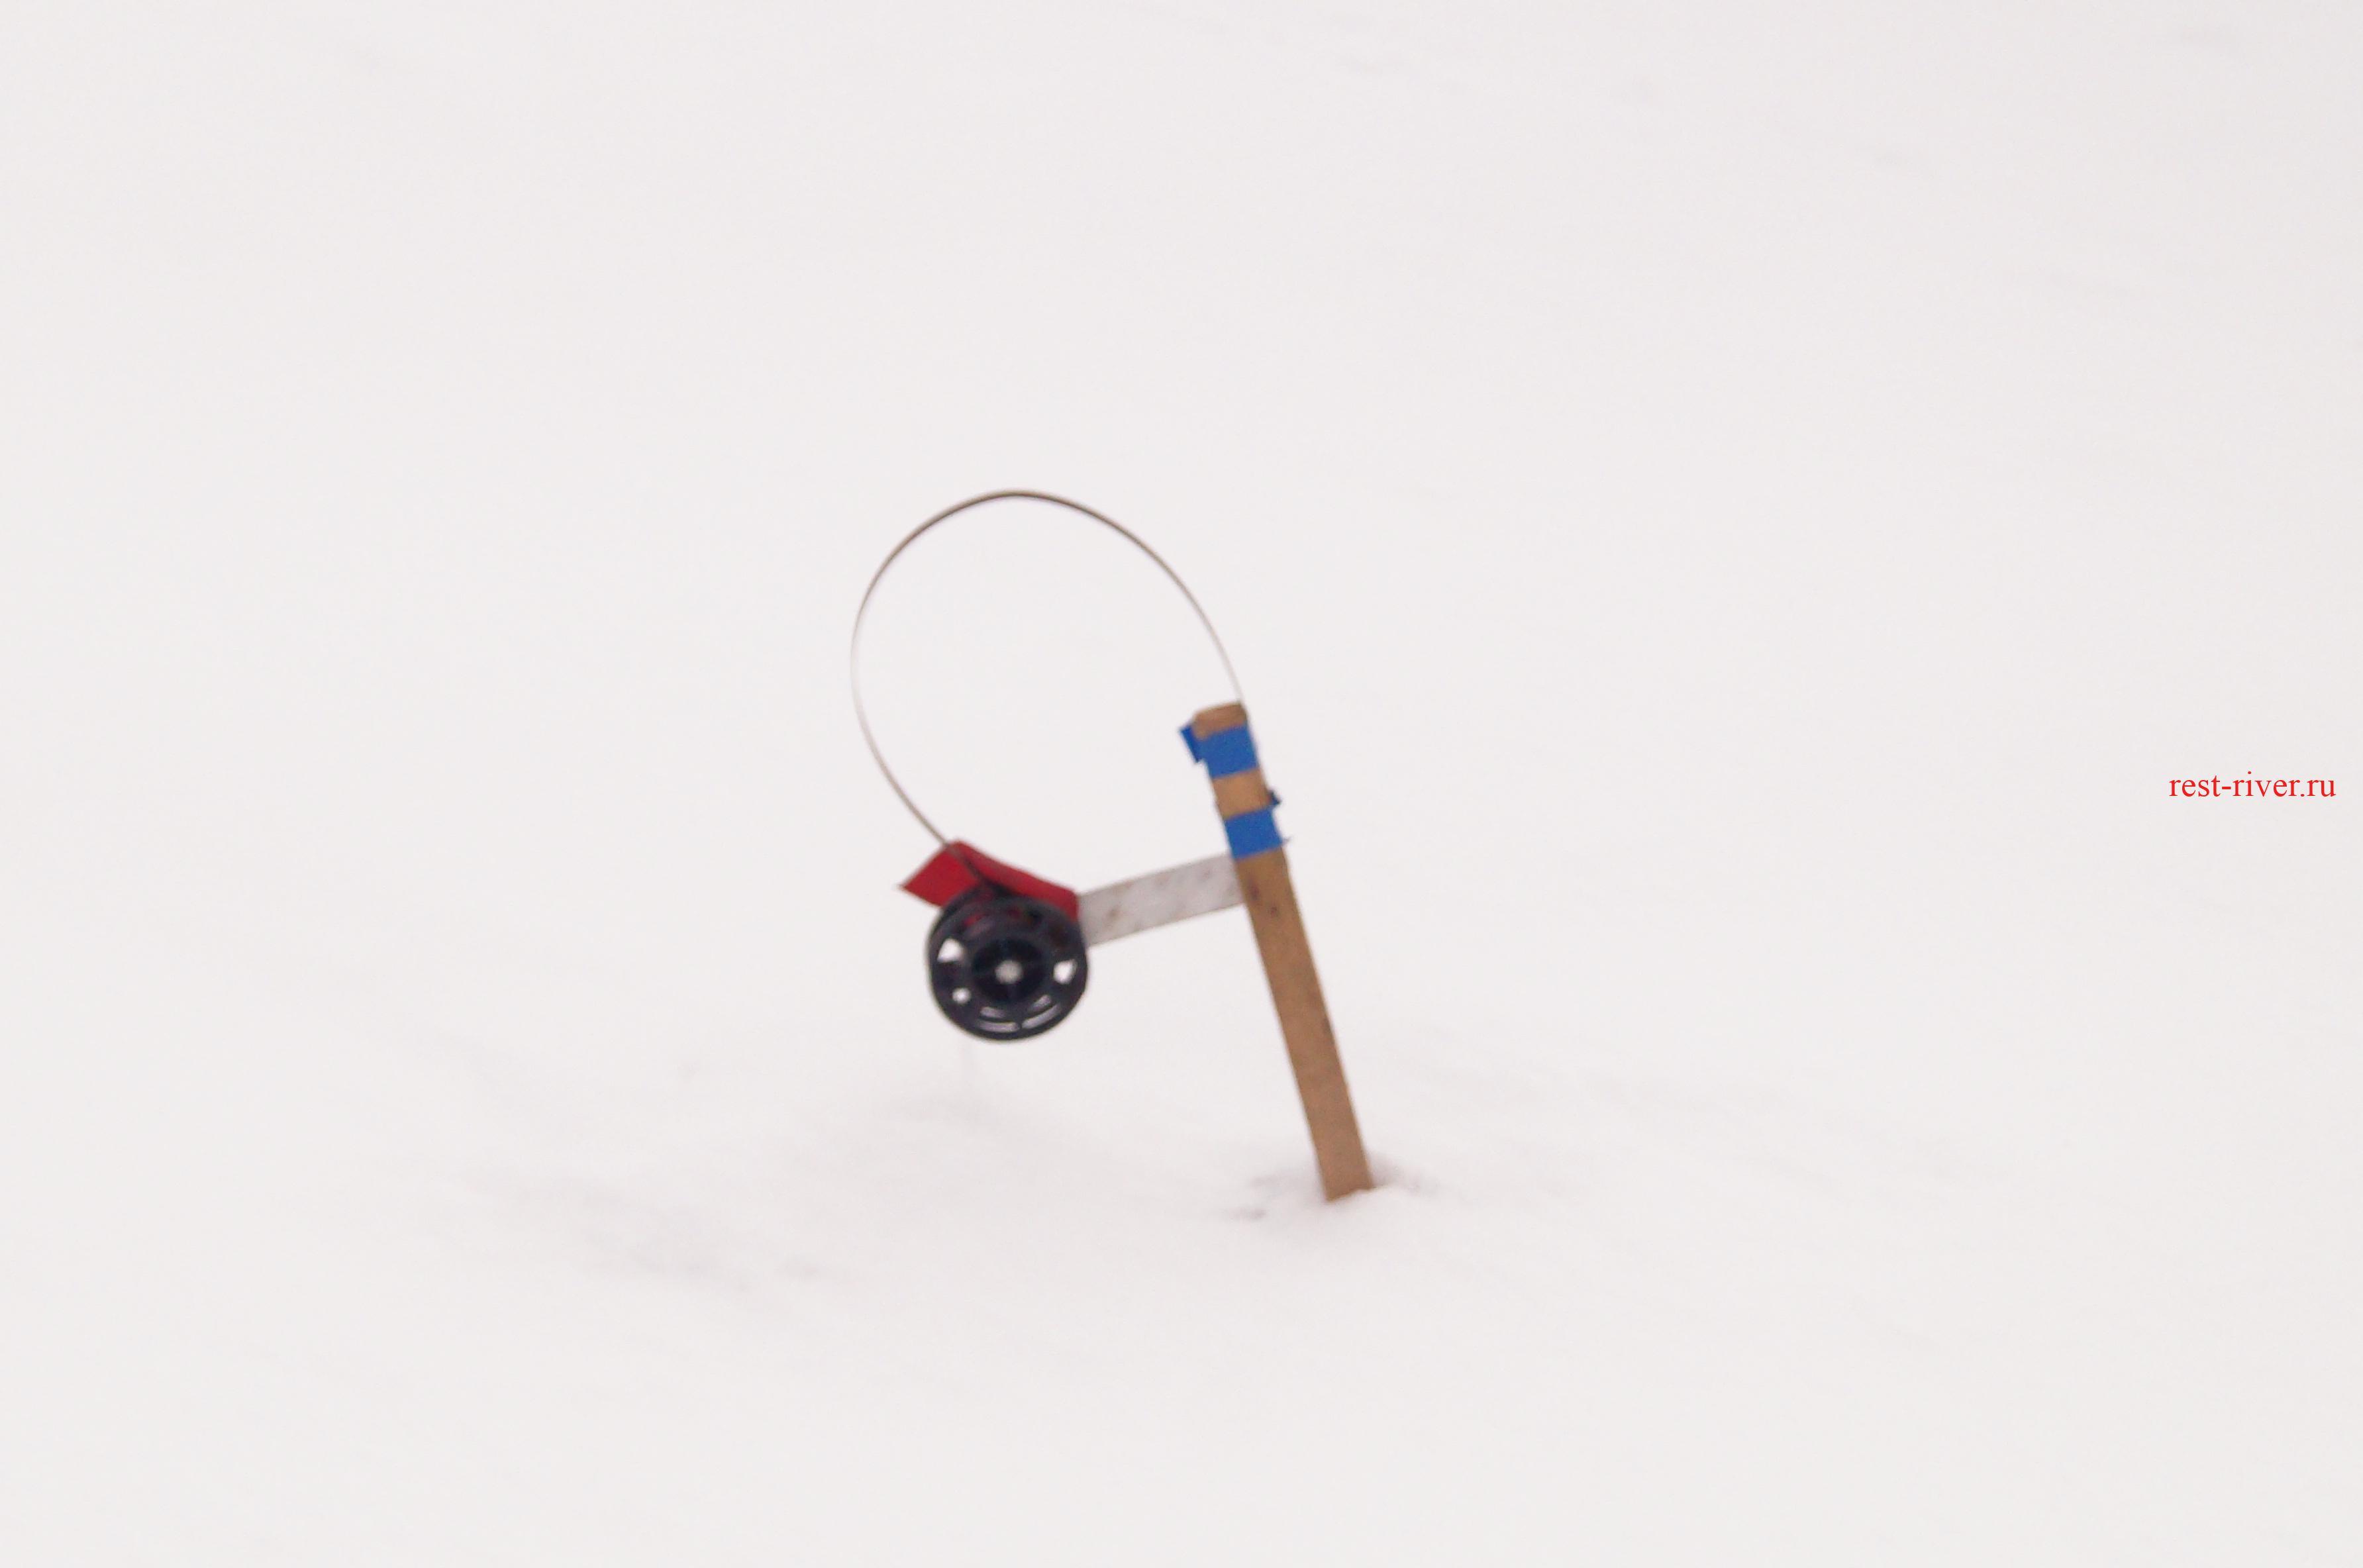 жерлица для зимней ловли рыбы